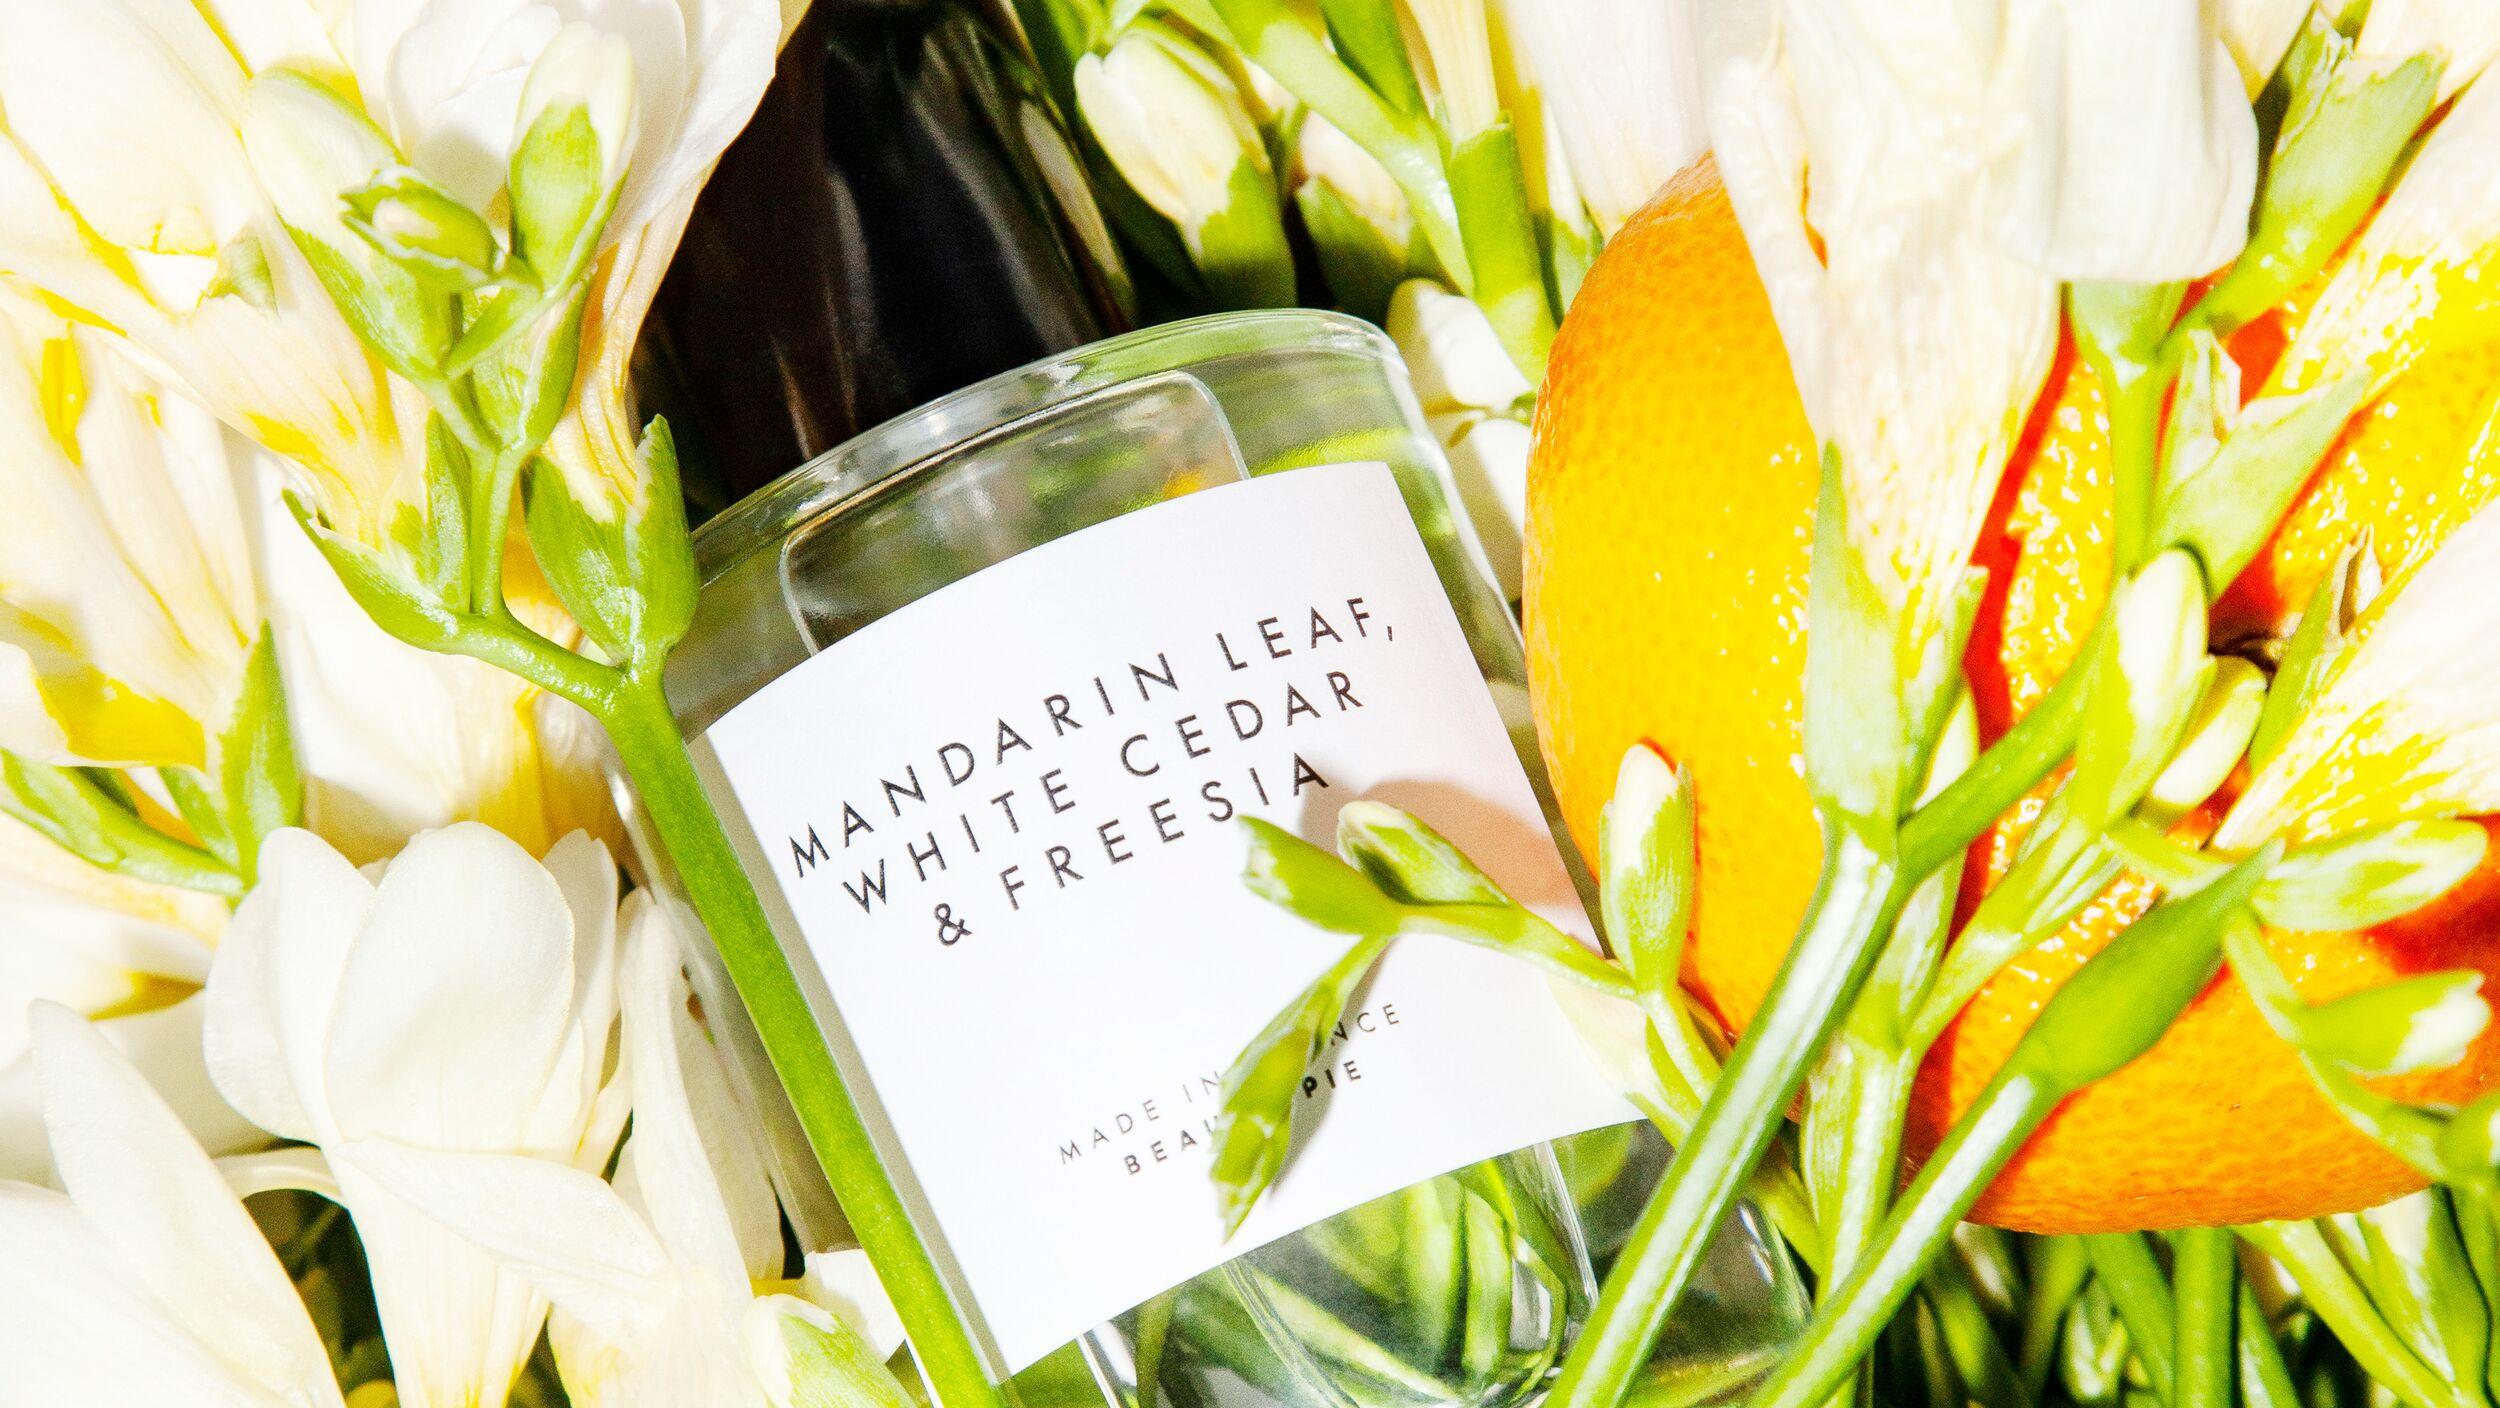 Mandarin Lead White Cedar & Freesia EDP